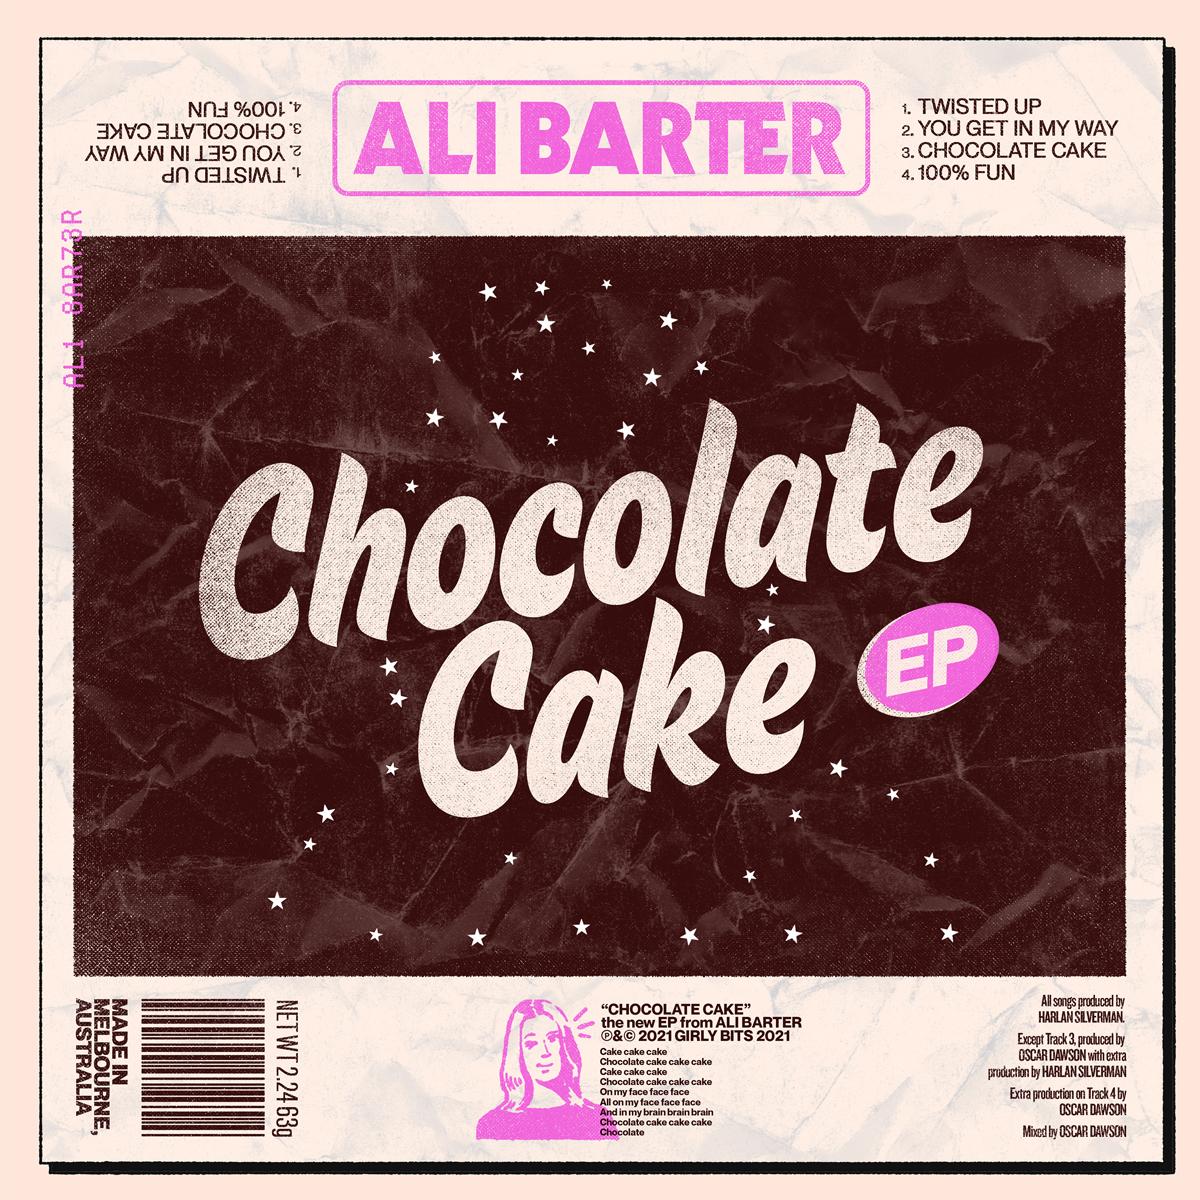 Ali Barter Chocolate Cake EP